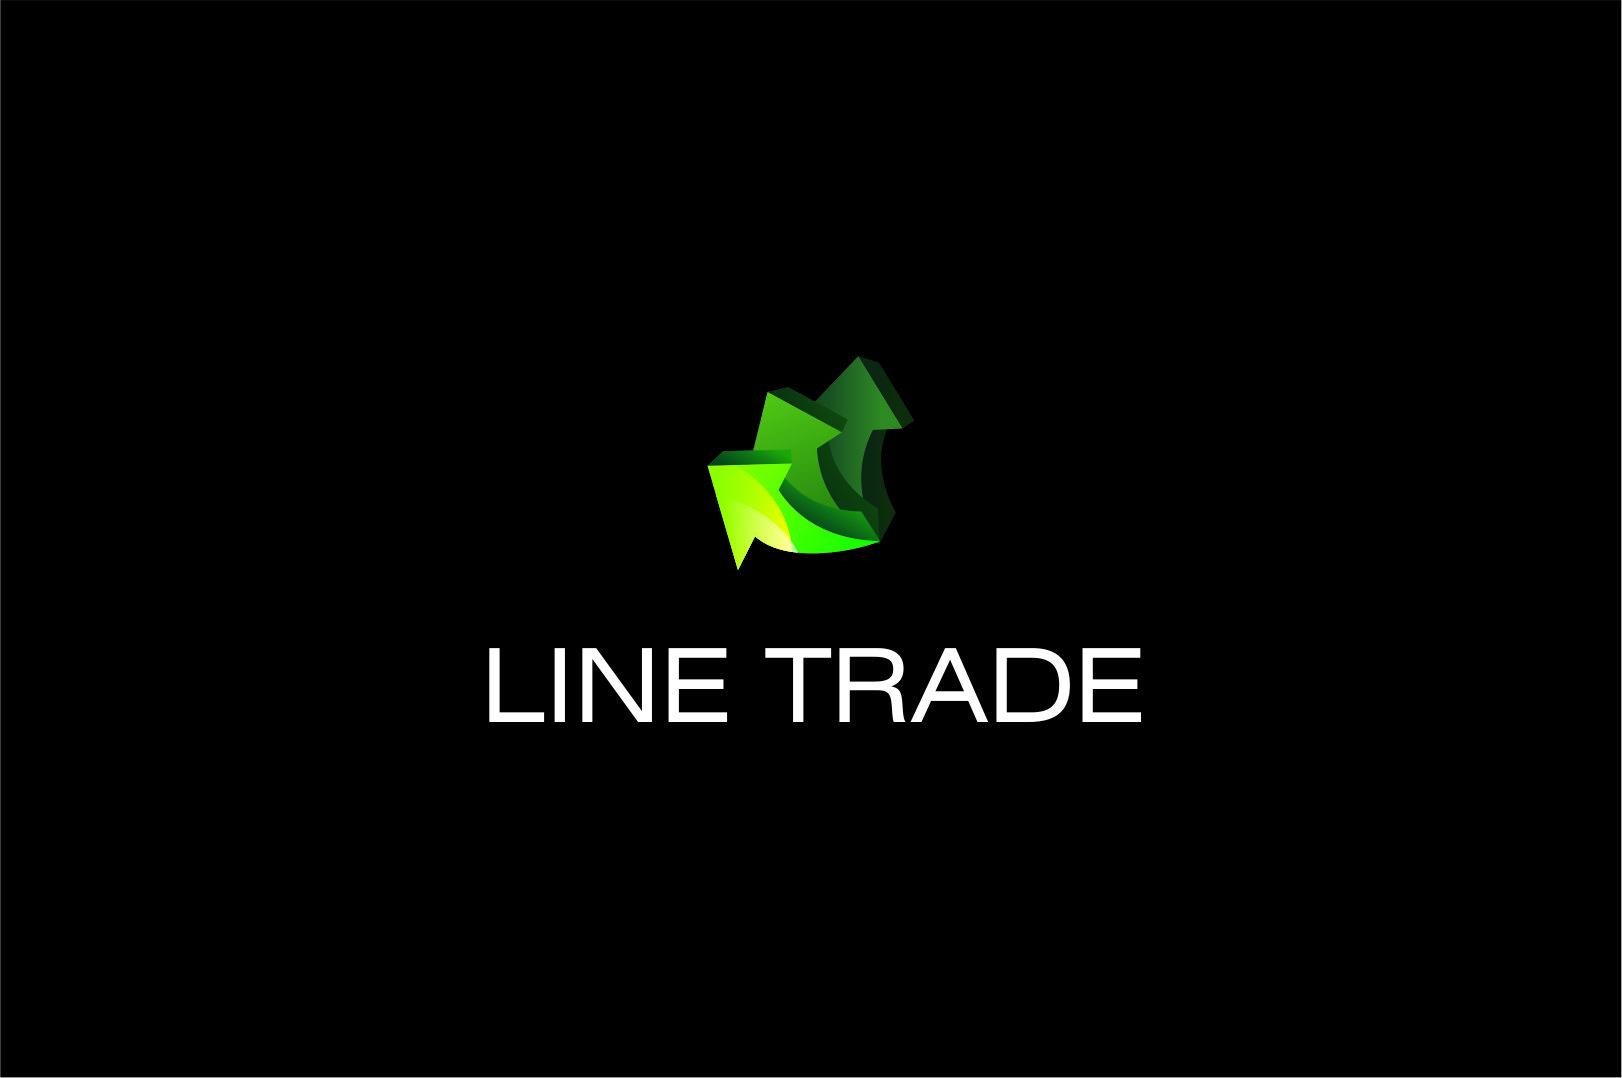 Разработка логотипа компании Line Trade фото f_41050f7a8e13e583.jpg